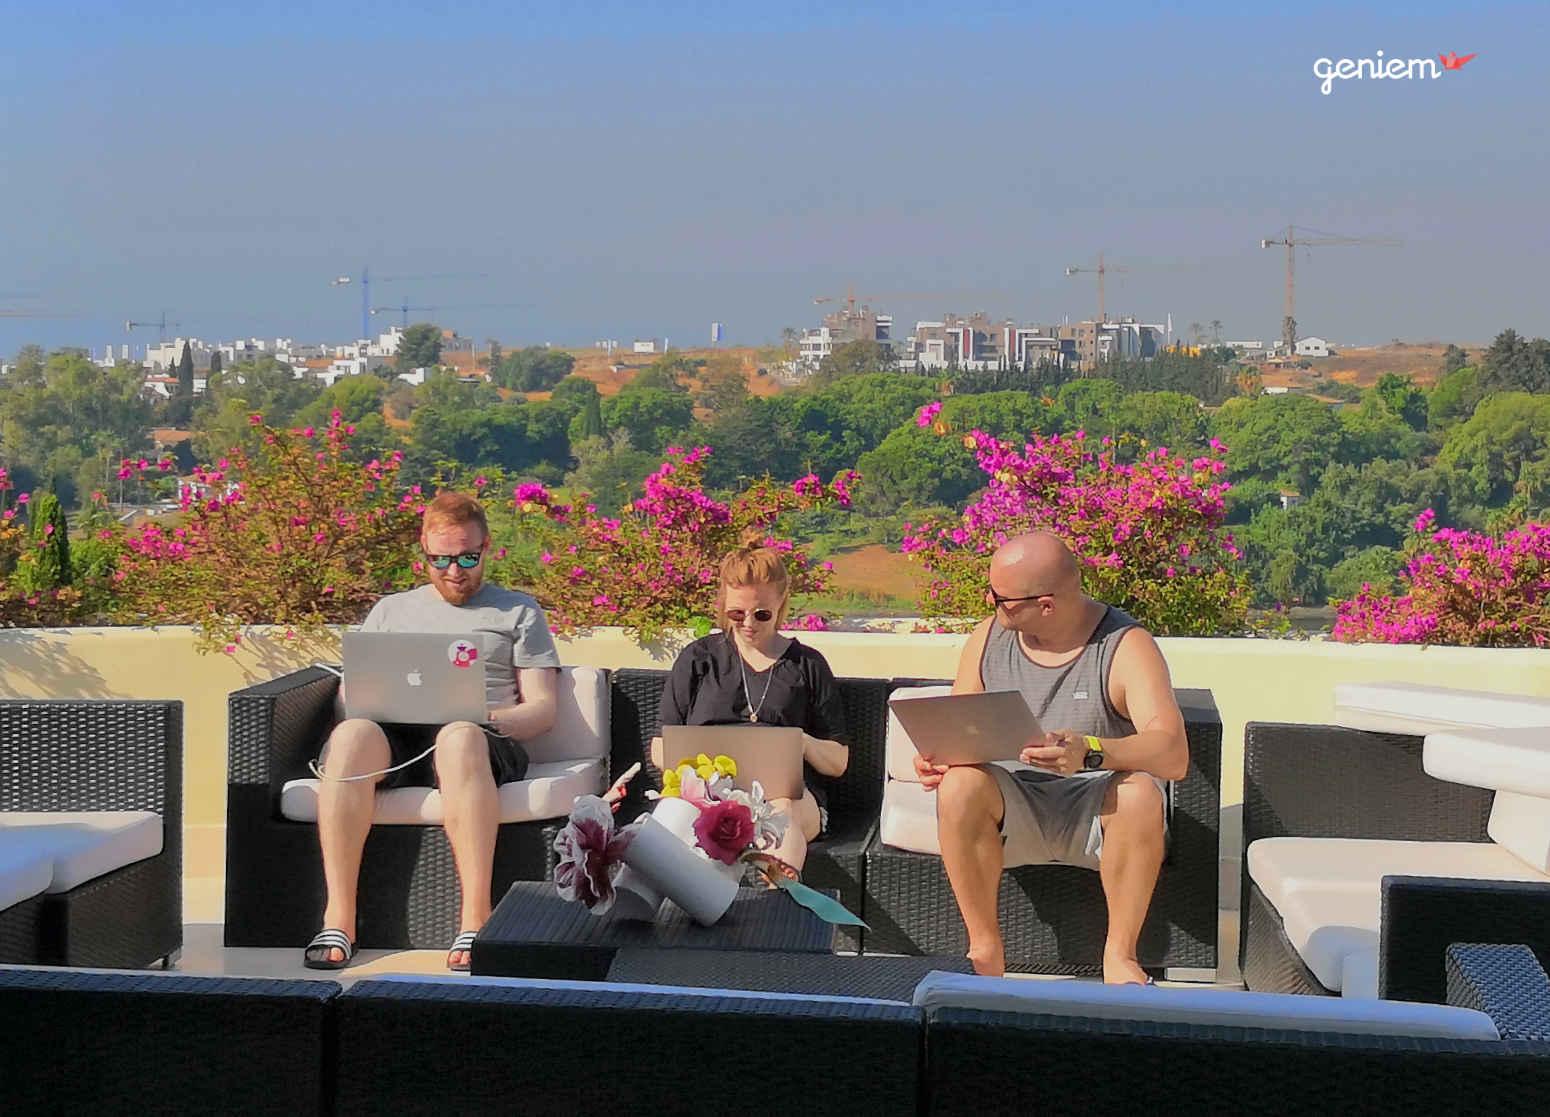 Geniemin suunnittelijat tekemässä töitä auringonpaisteessa